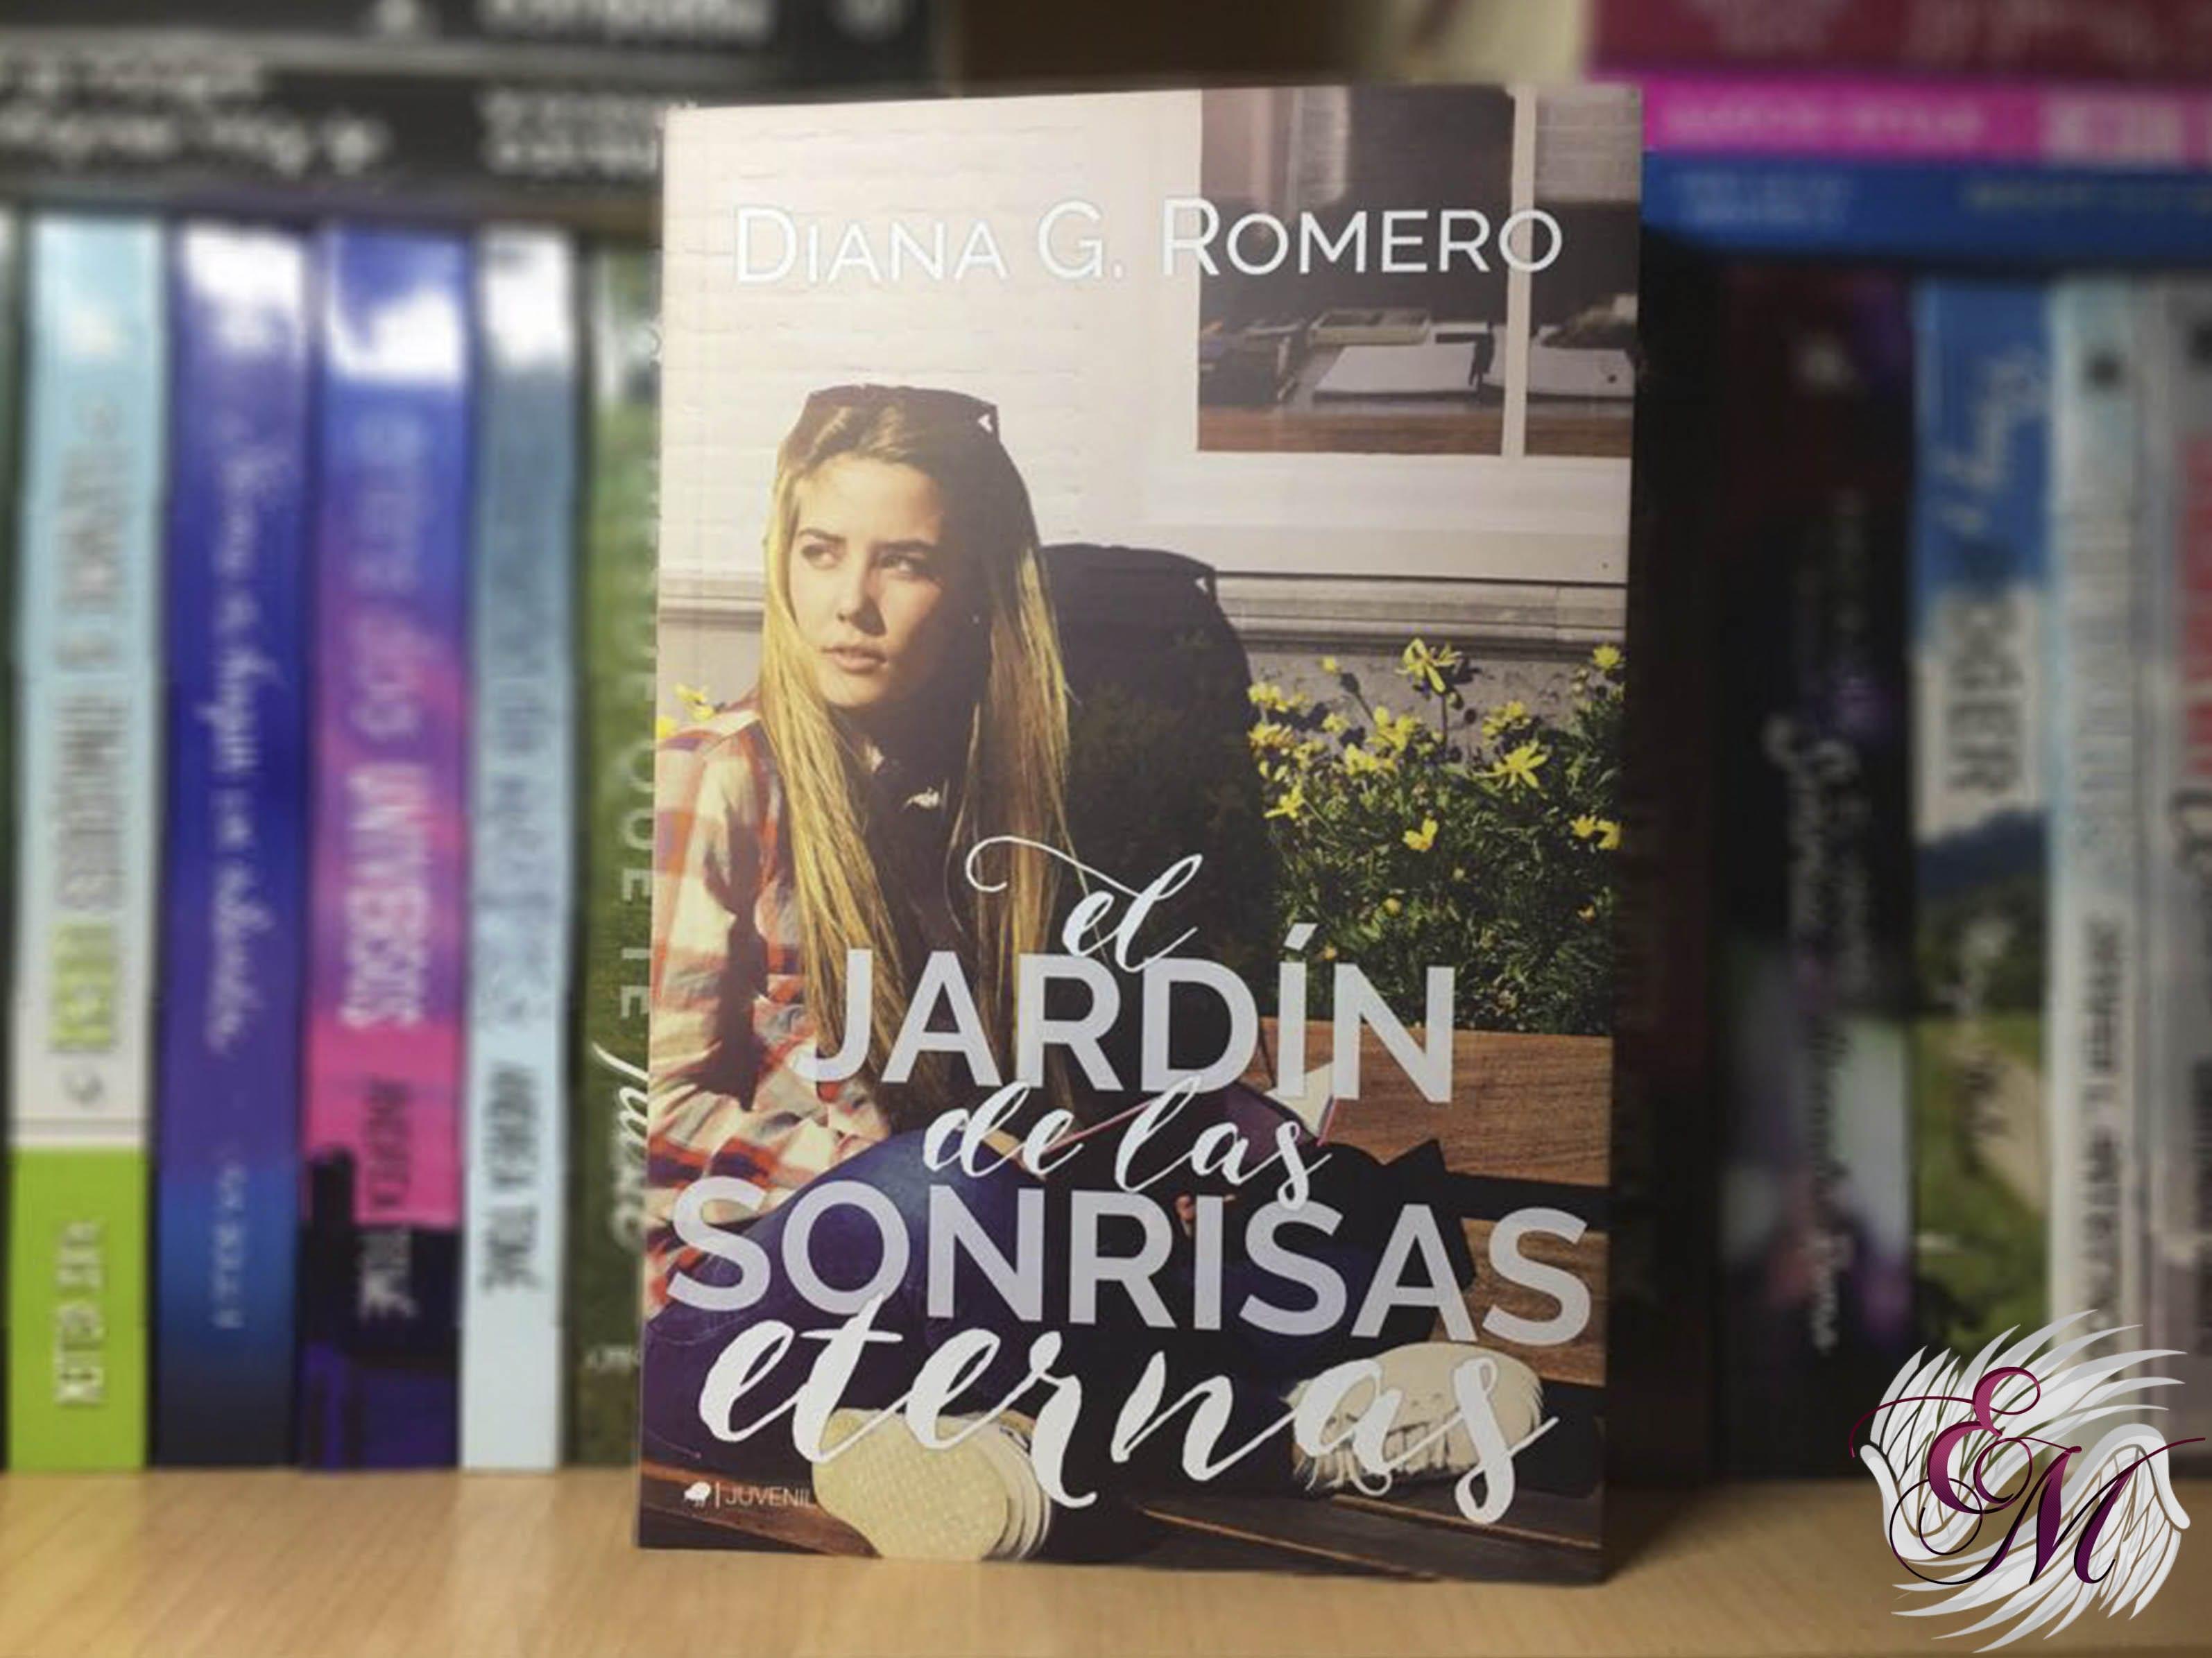 El jardín de las sonrisas eternas, de Diana G. Romero - Reseña